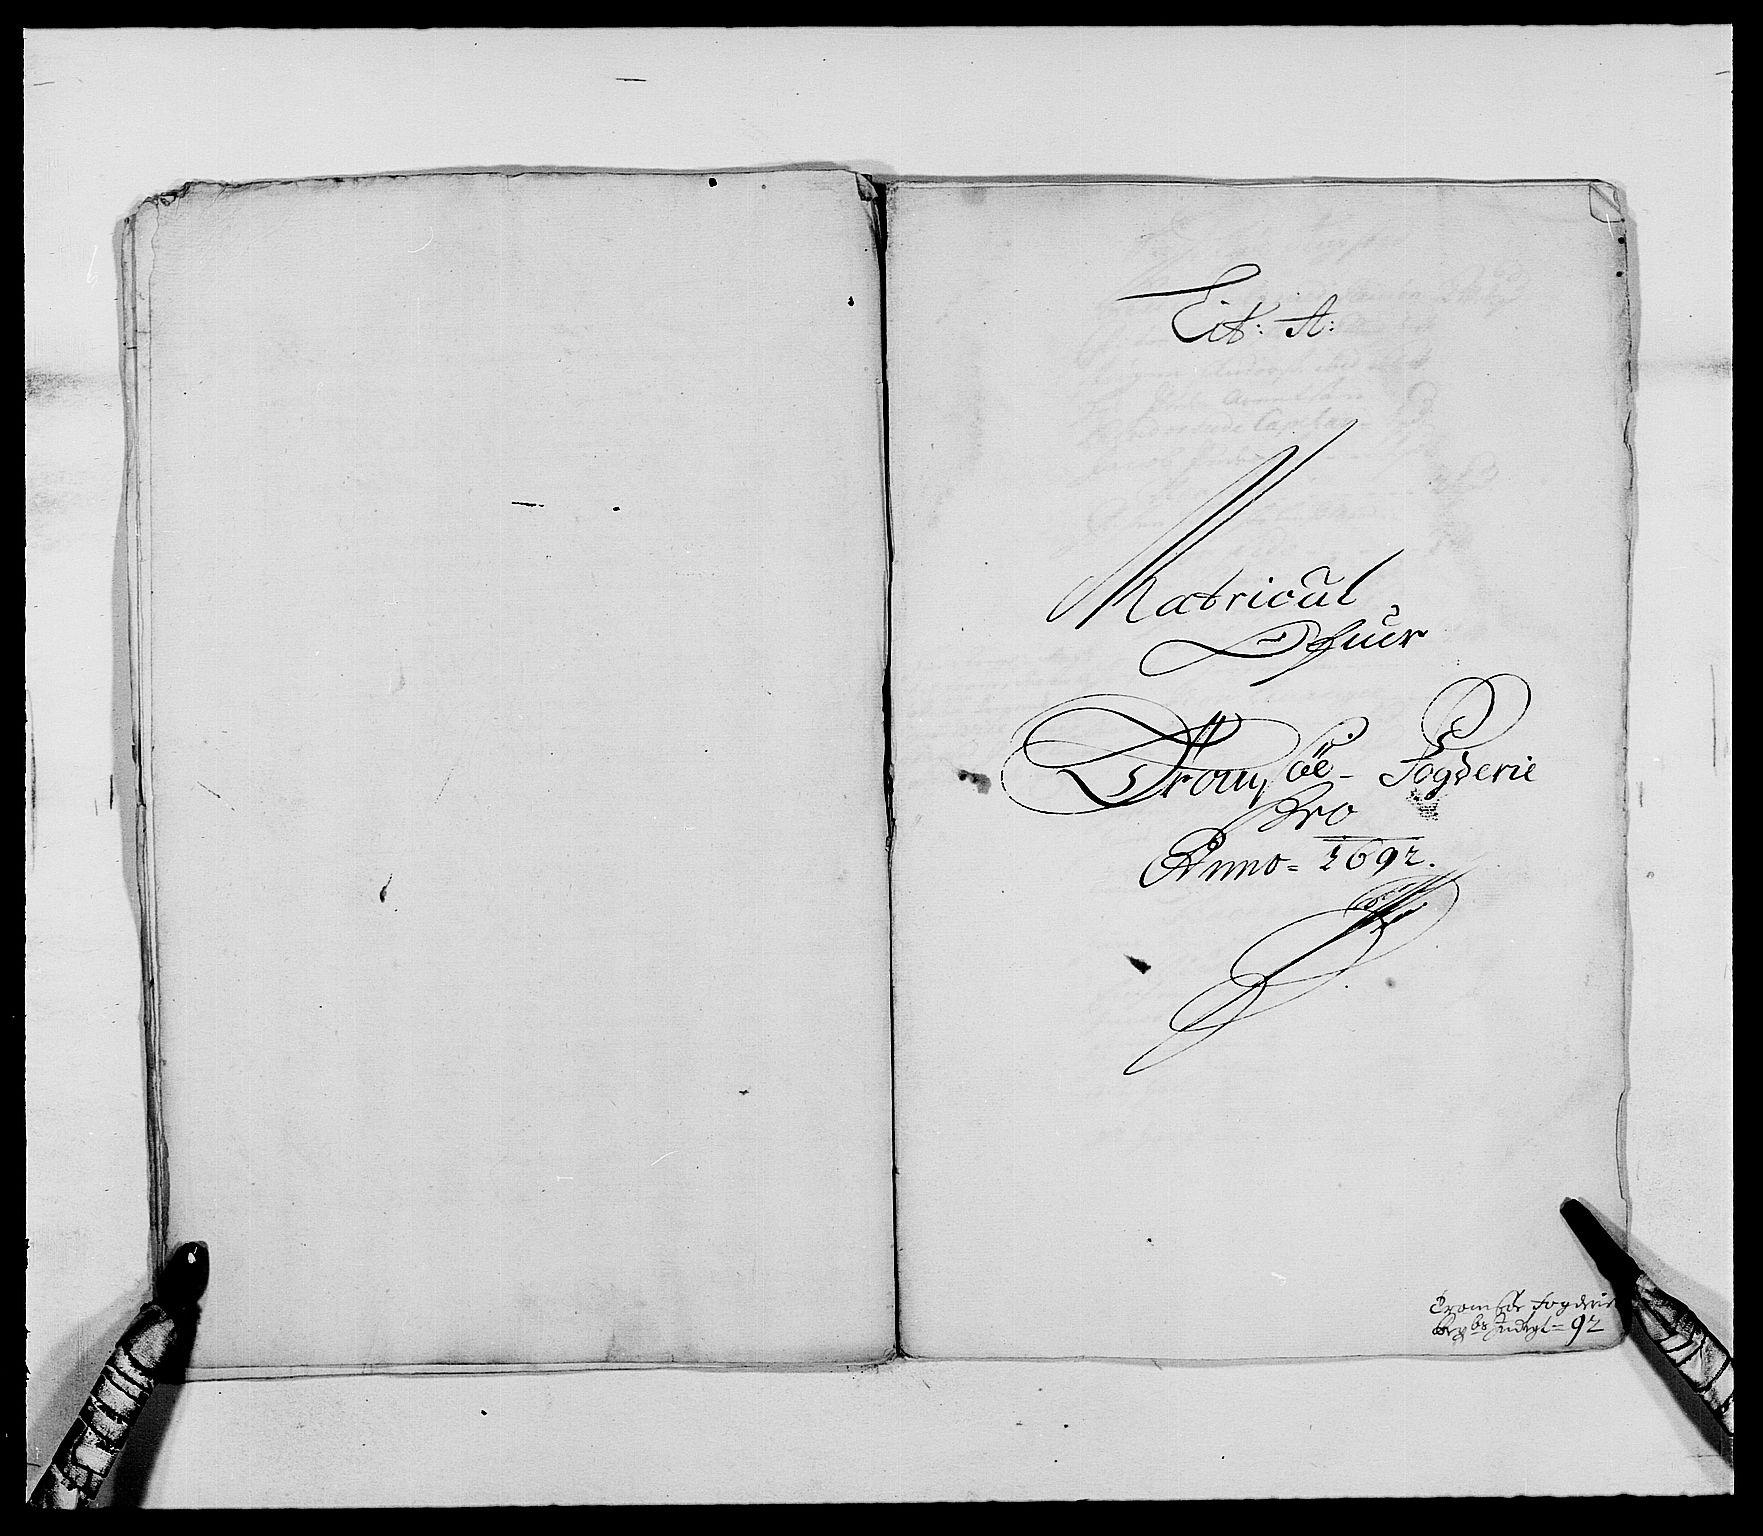 RA, Rentekammeret inntil 1814, Reviderte regnskaper, Fogderegnskap, R68/L4751: Fogderegnskap Senja og Troms, 1690-1693, s. 146